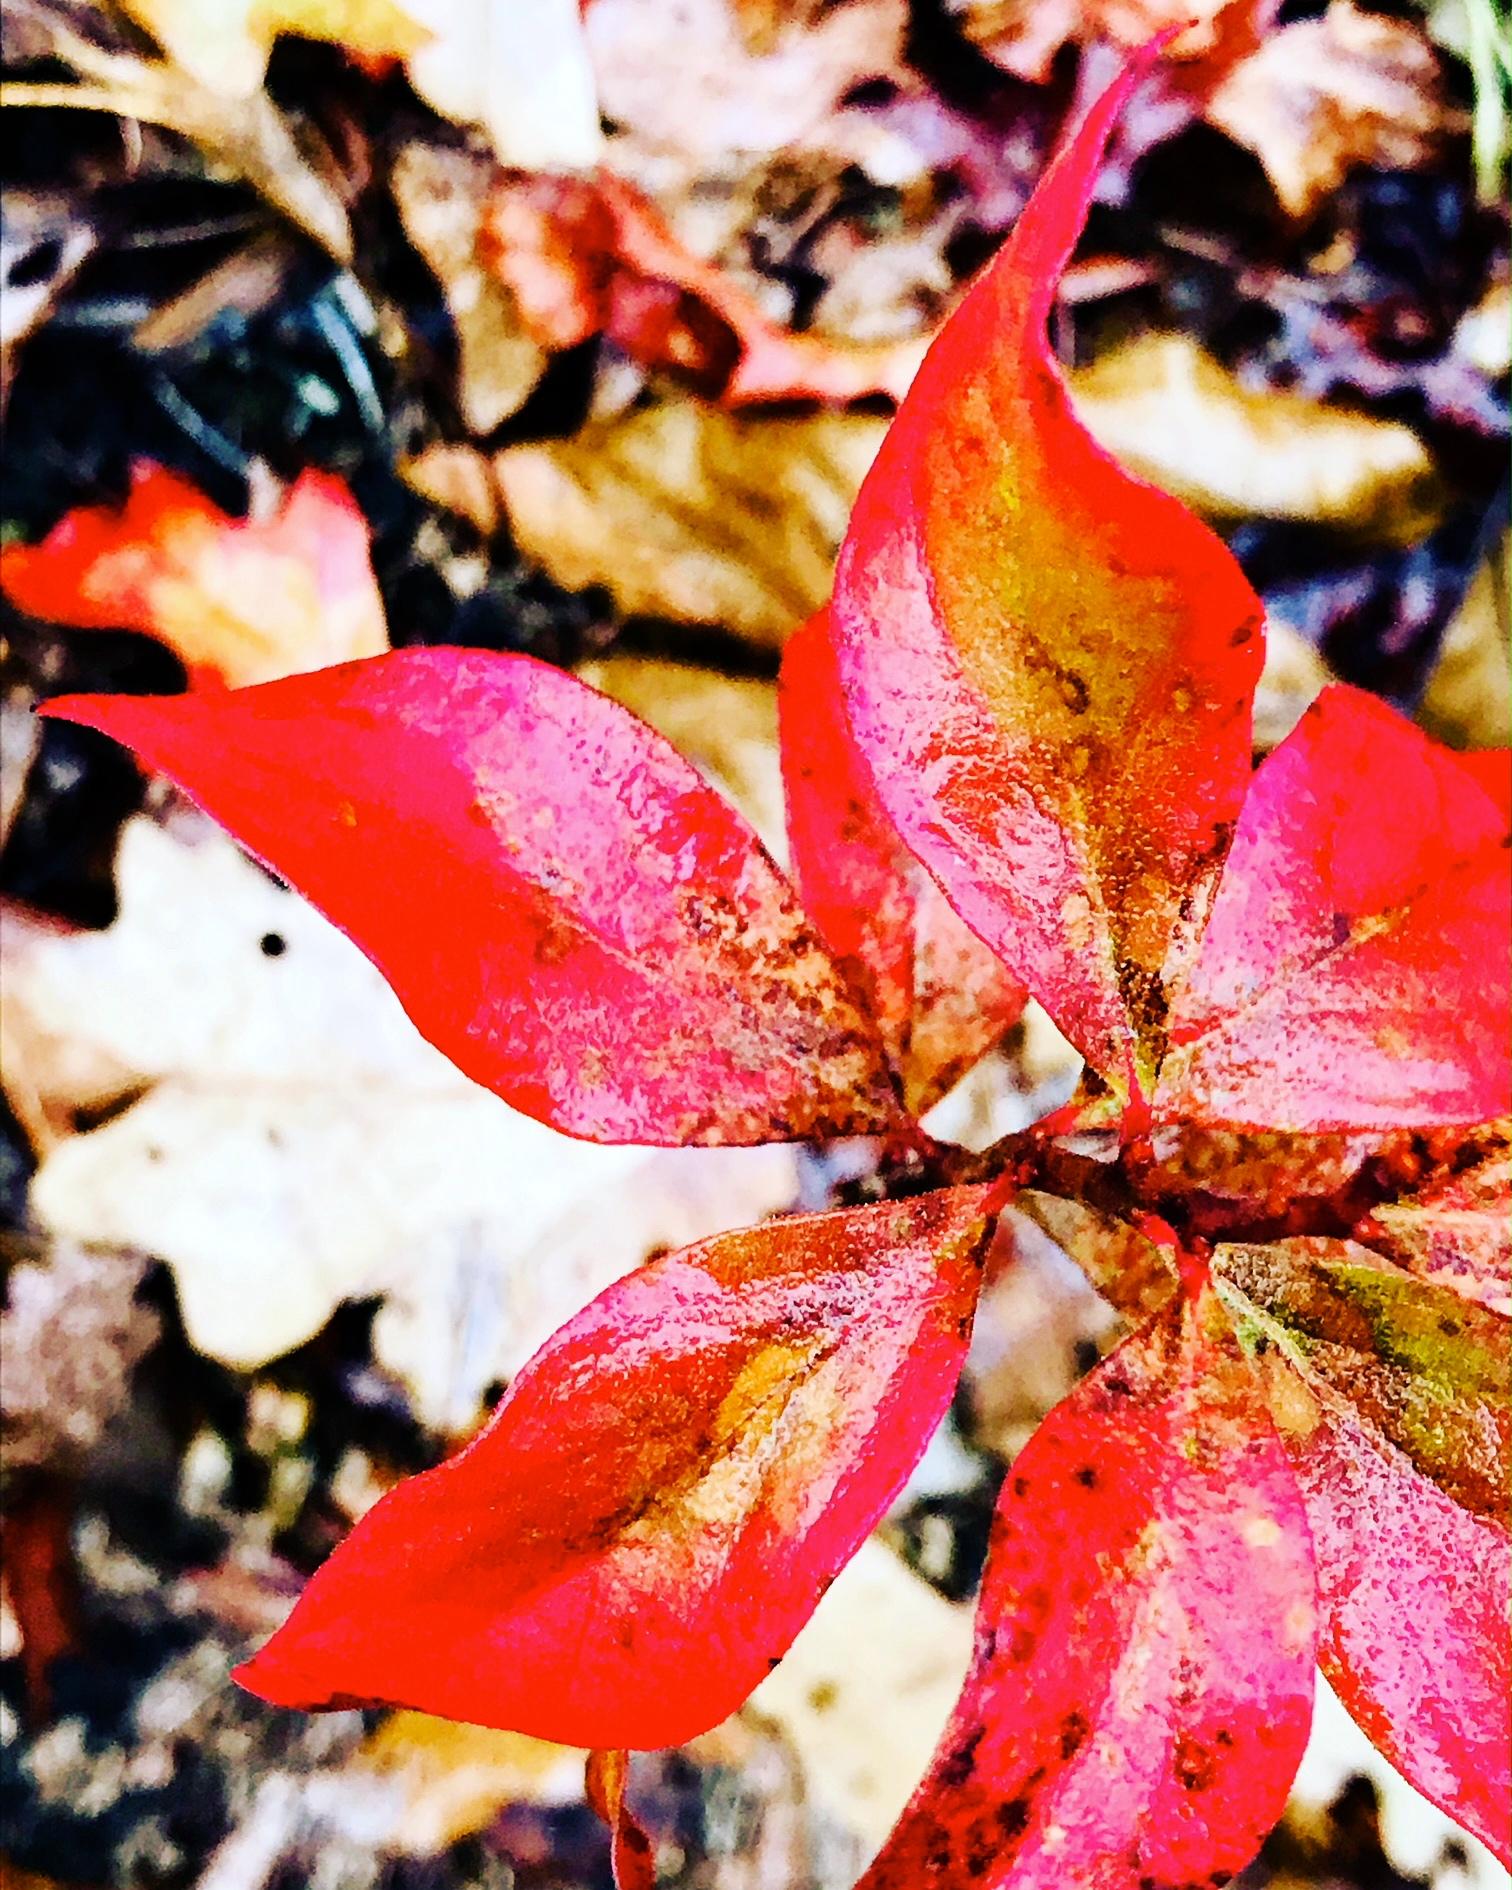 Leaves like a pinwheel